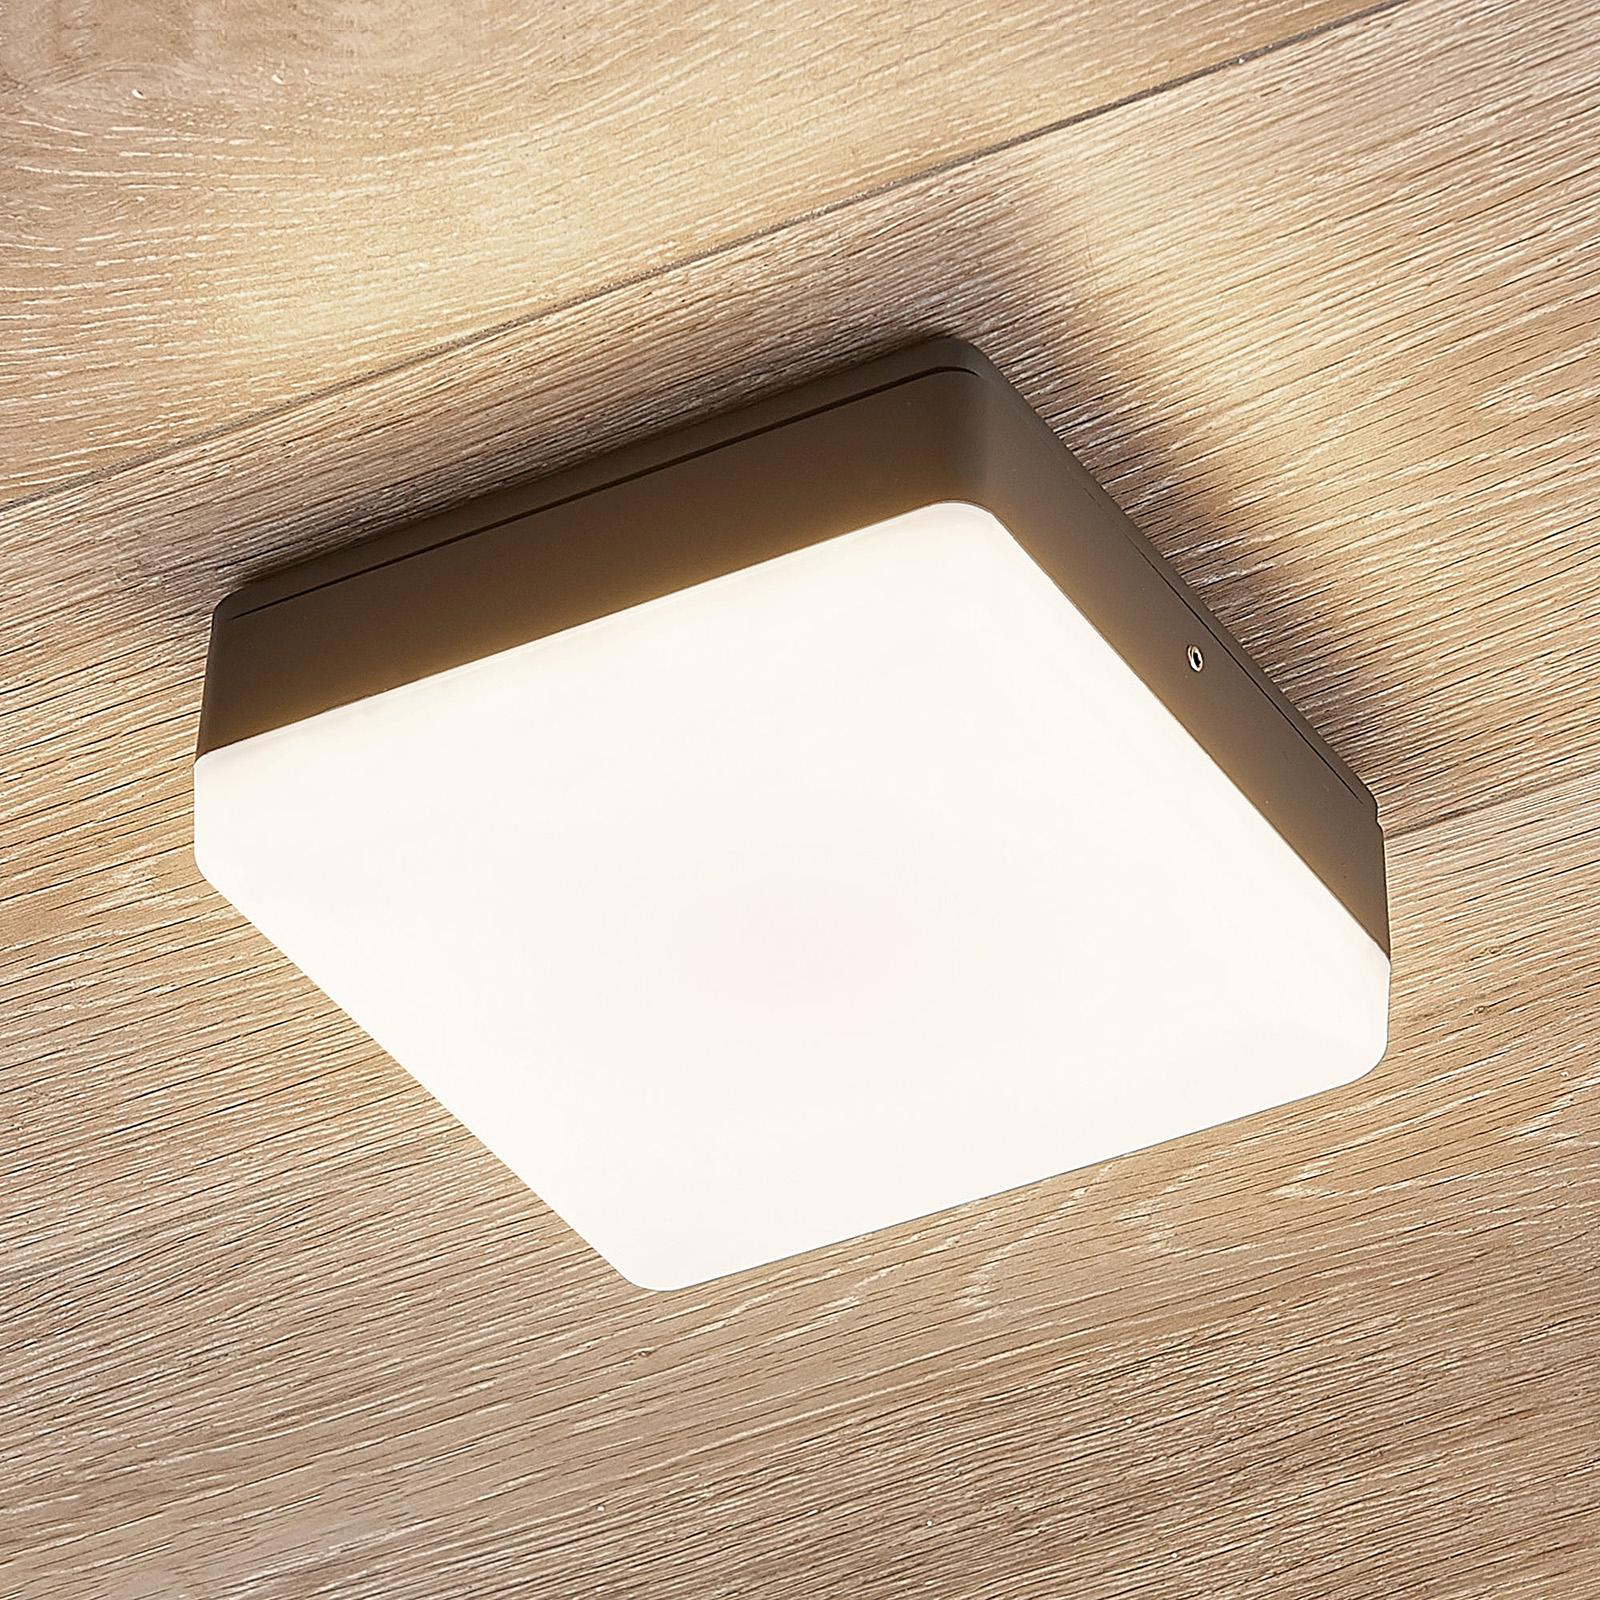 LED plafondlamp Thilo, grijs, 16 cm, HF sensor